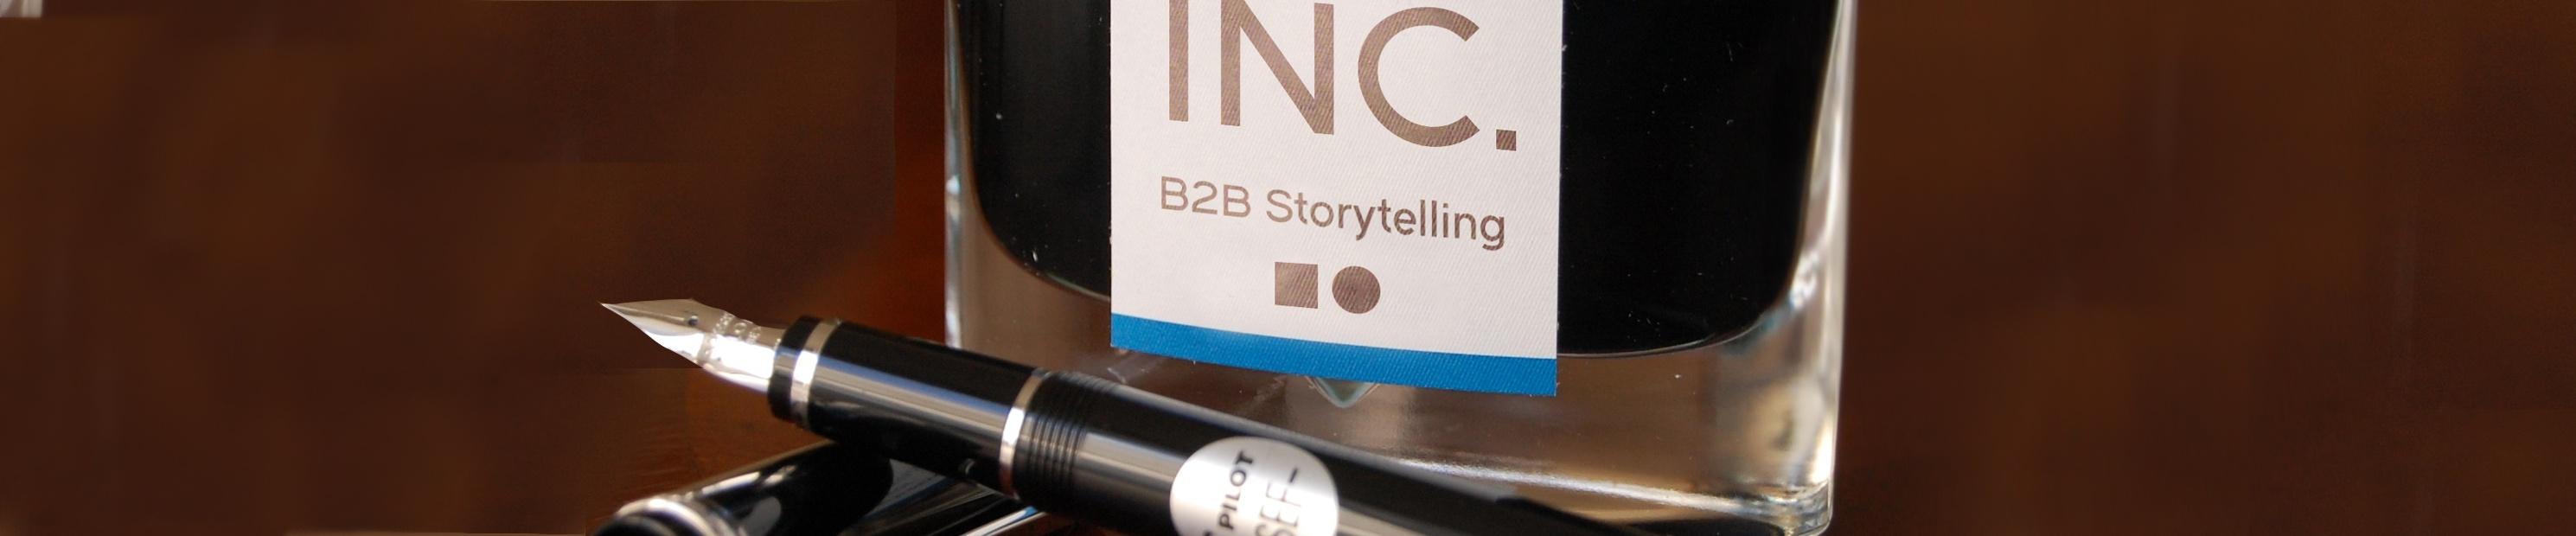 B2b-stortelling-Banner.jpg